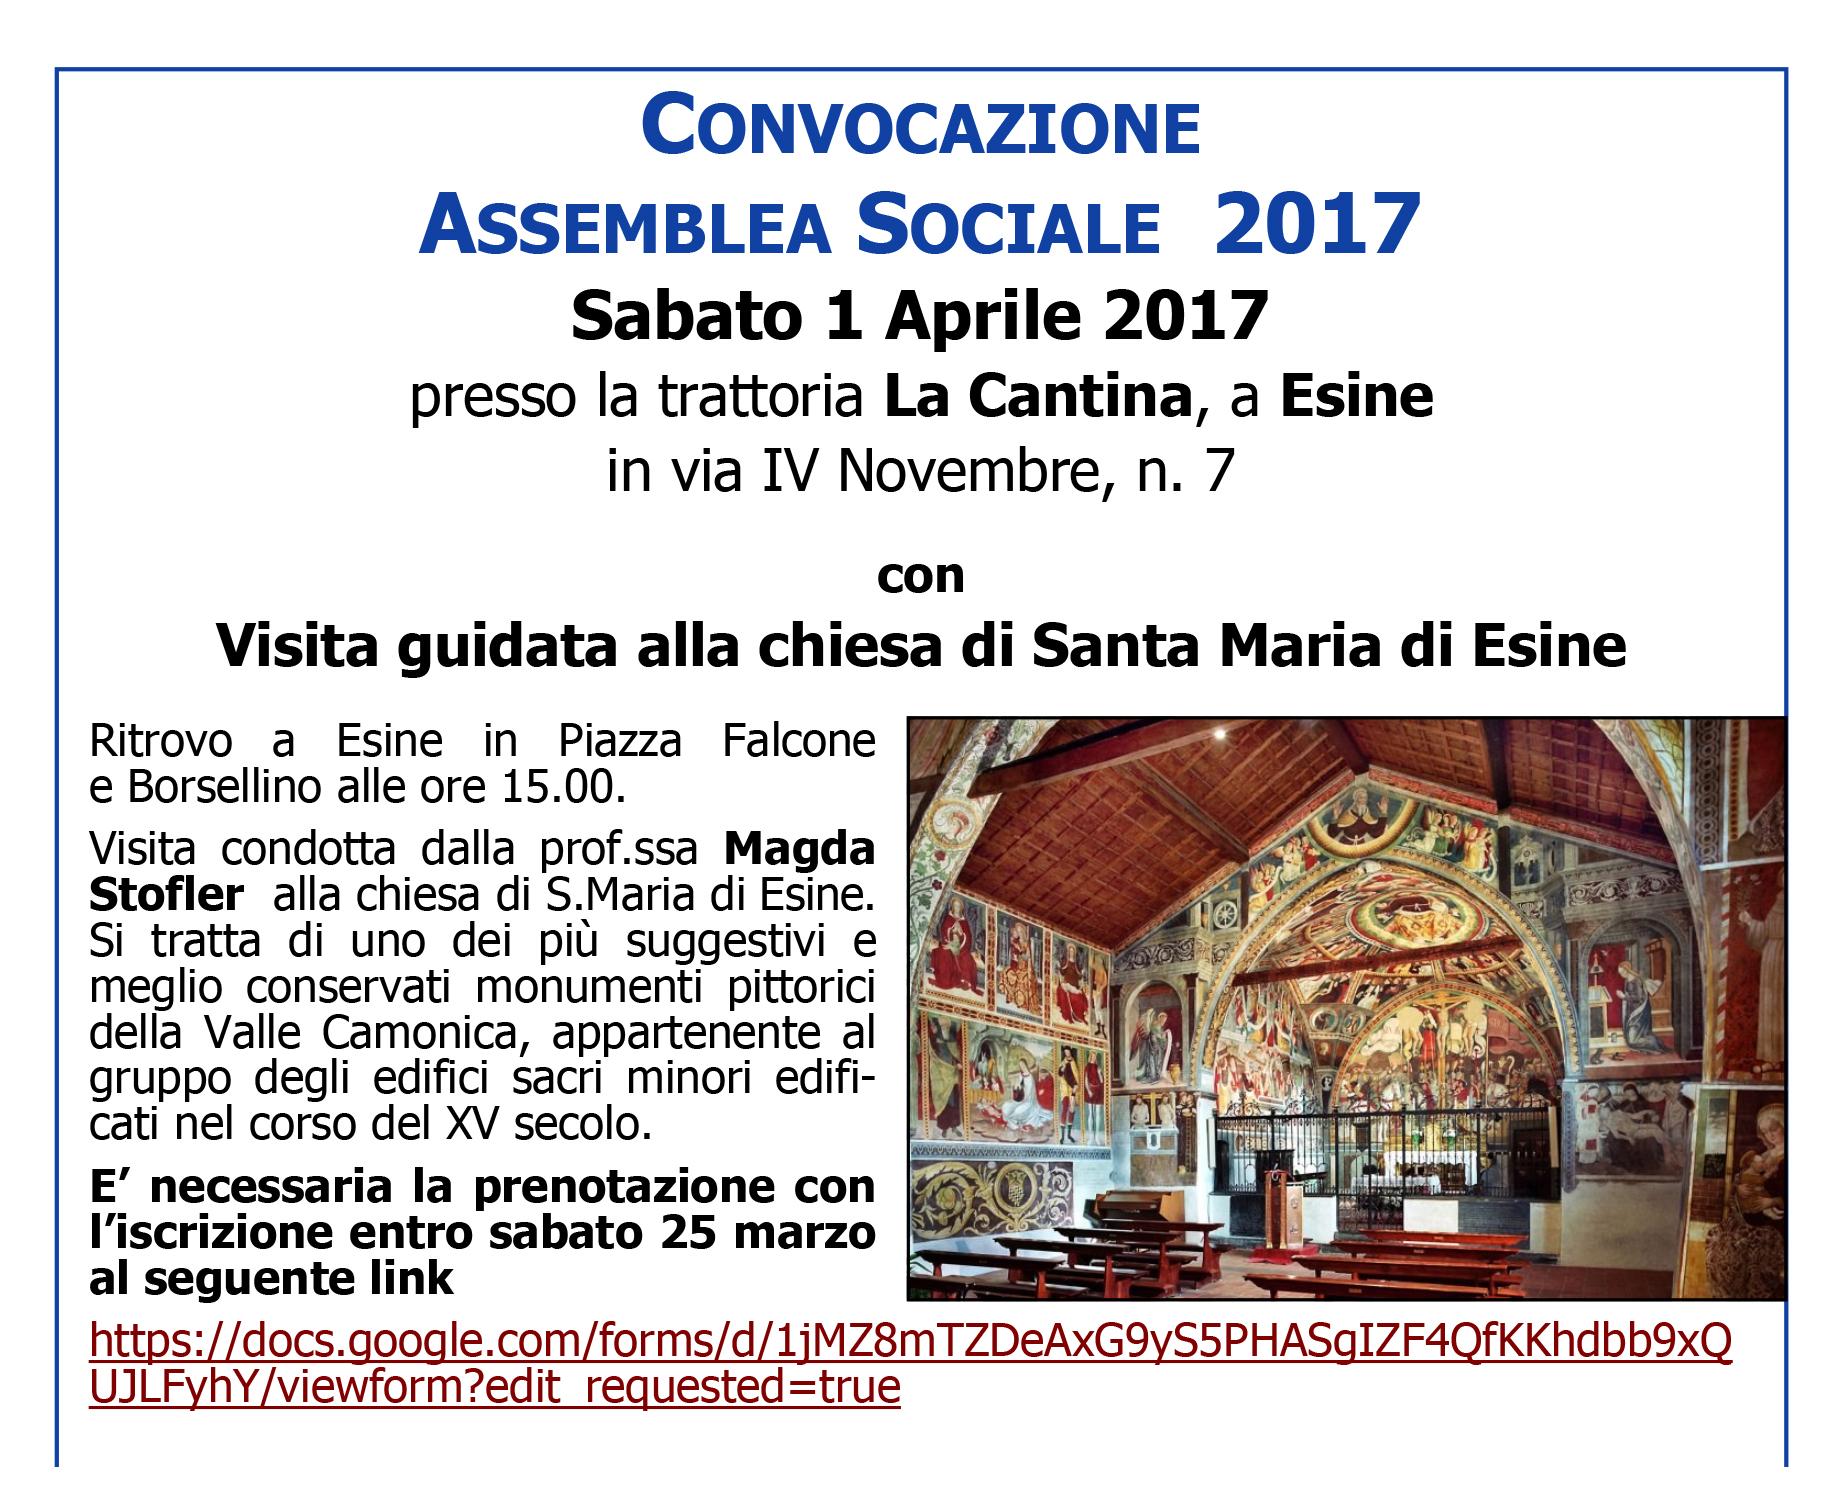 convocazione assemblea con visita